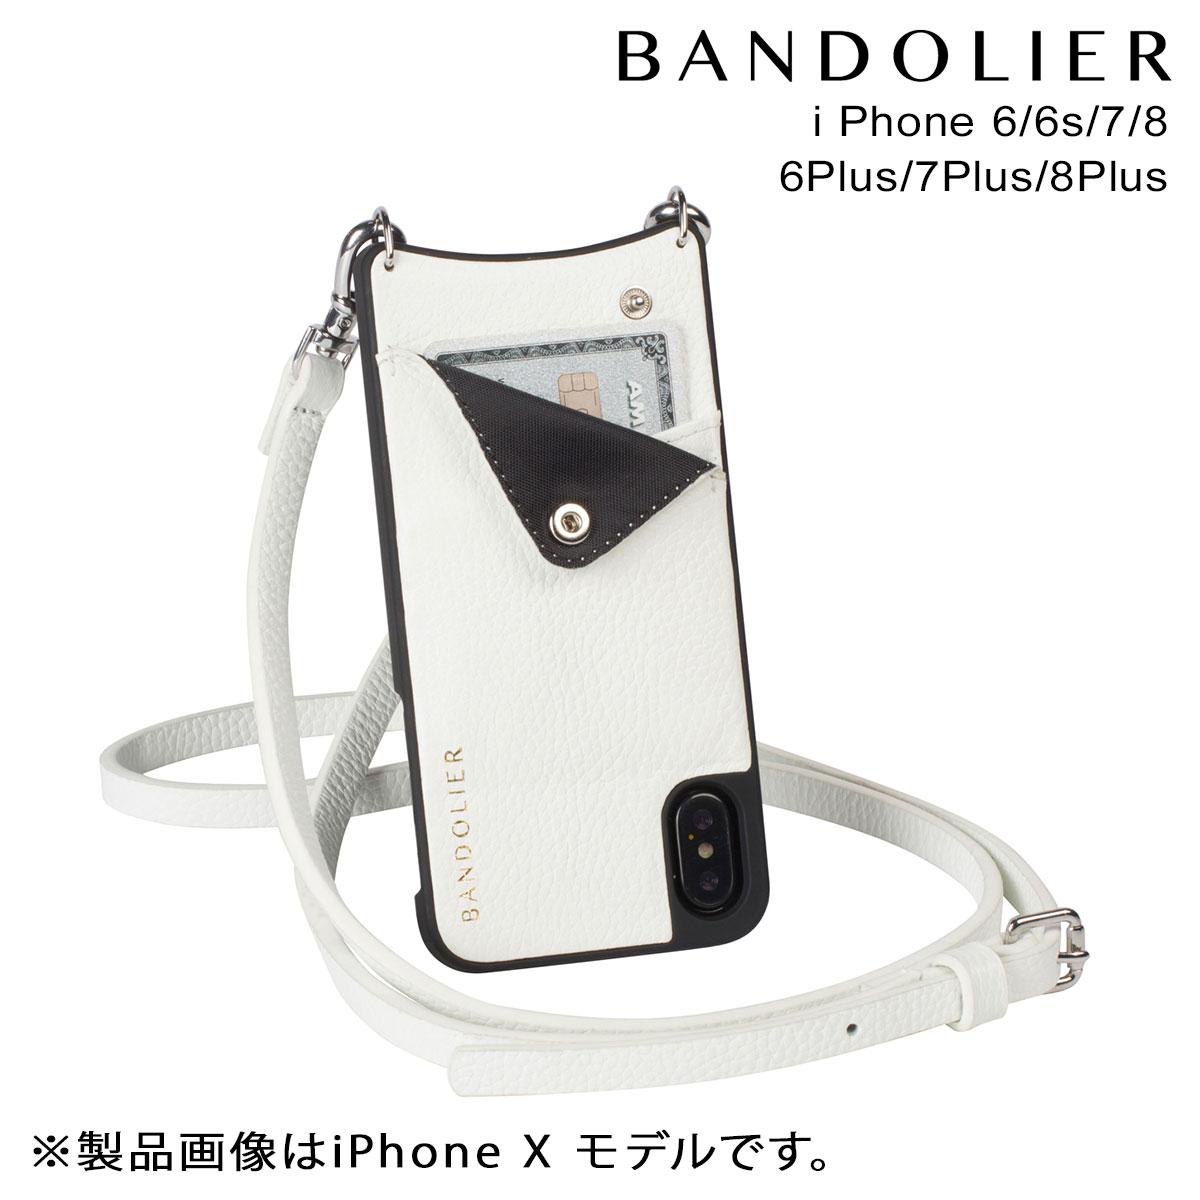 【最大2000円OFFクーポン配布】 BANDOLIER バンドリヤー iPhone8 iPhone7 7Plus 6s ケース スマホ アイフォン プラス EMMA WHITE レザー メンズ レディース [9/14 再入荷]